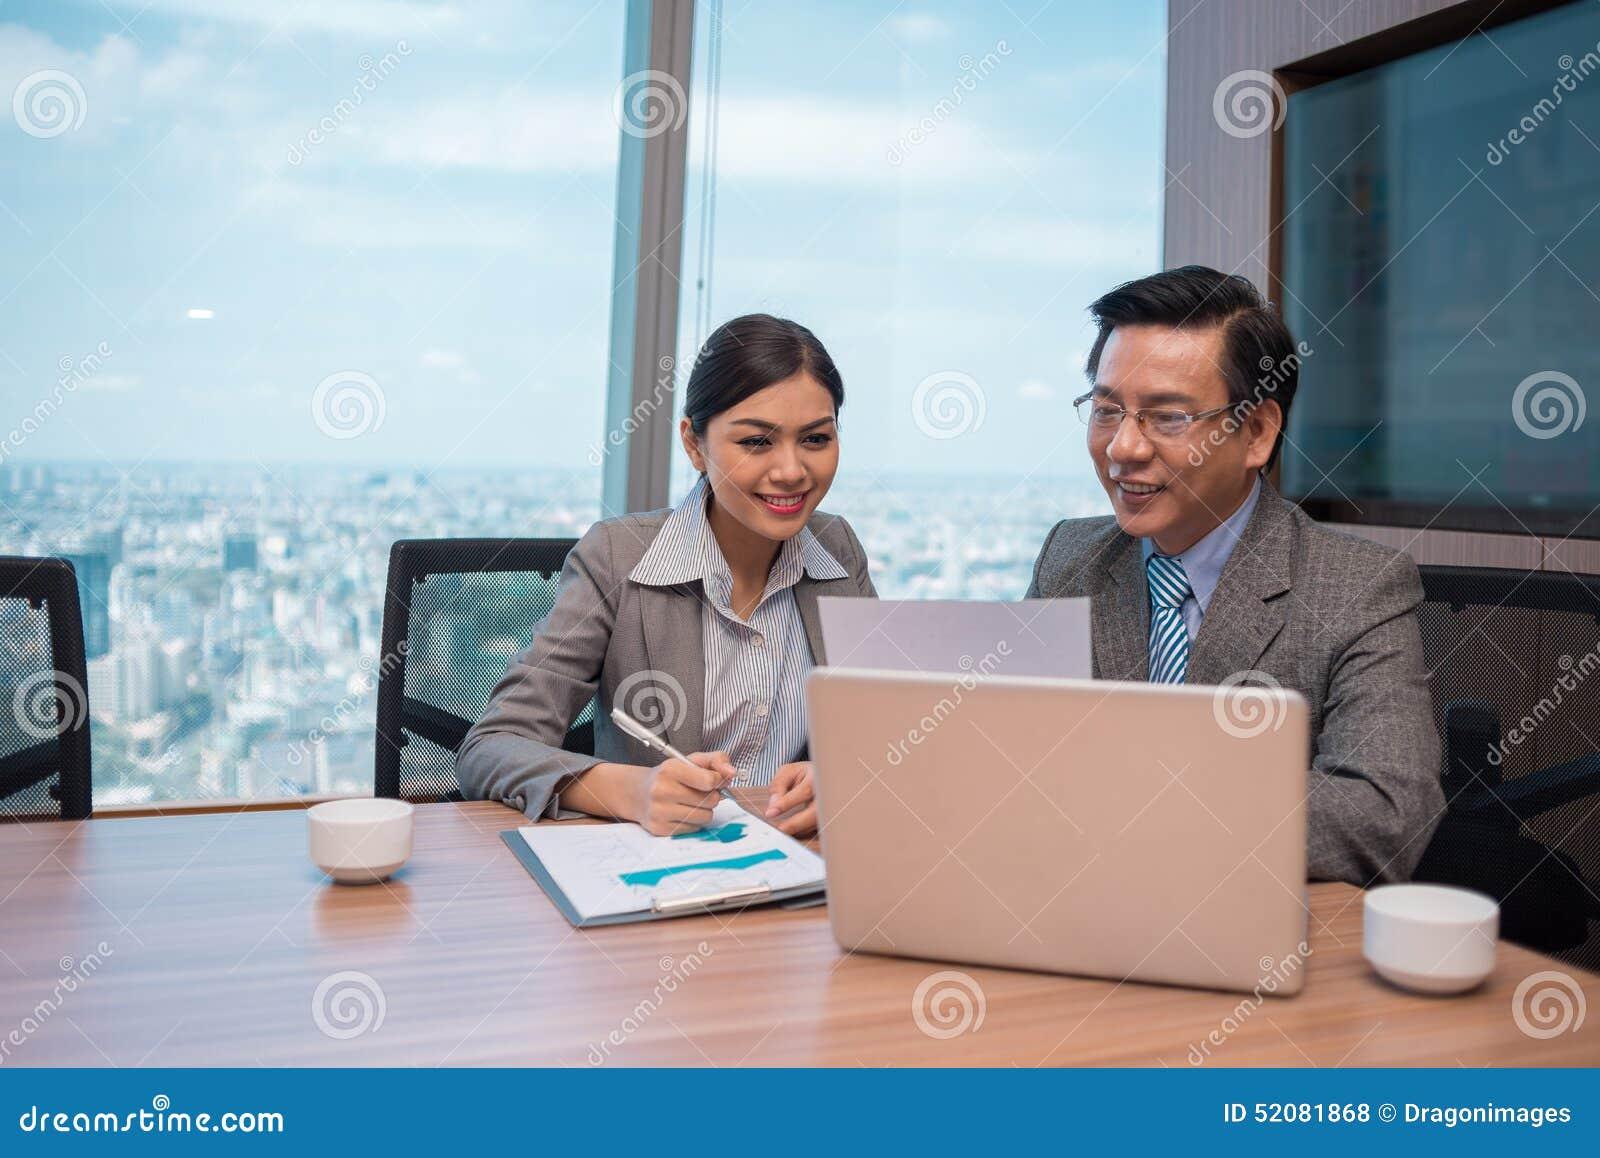 Анализировать финансовые документы